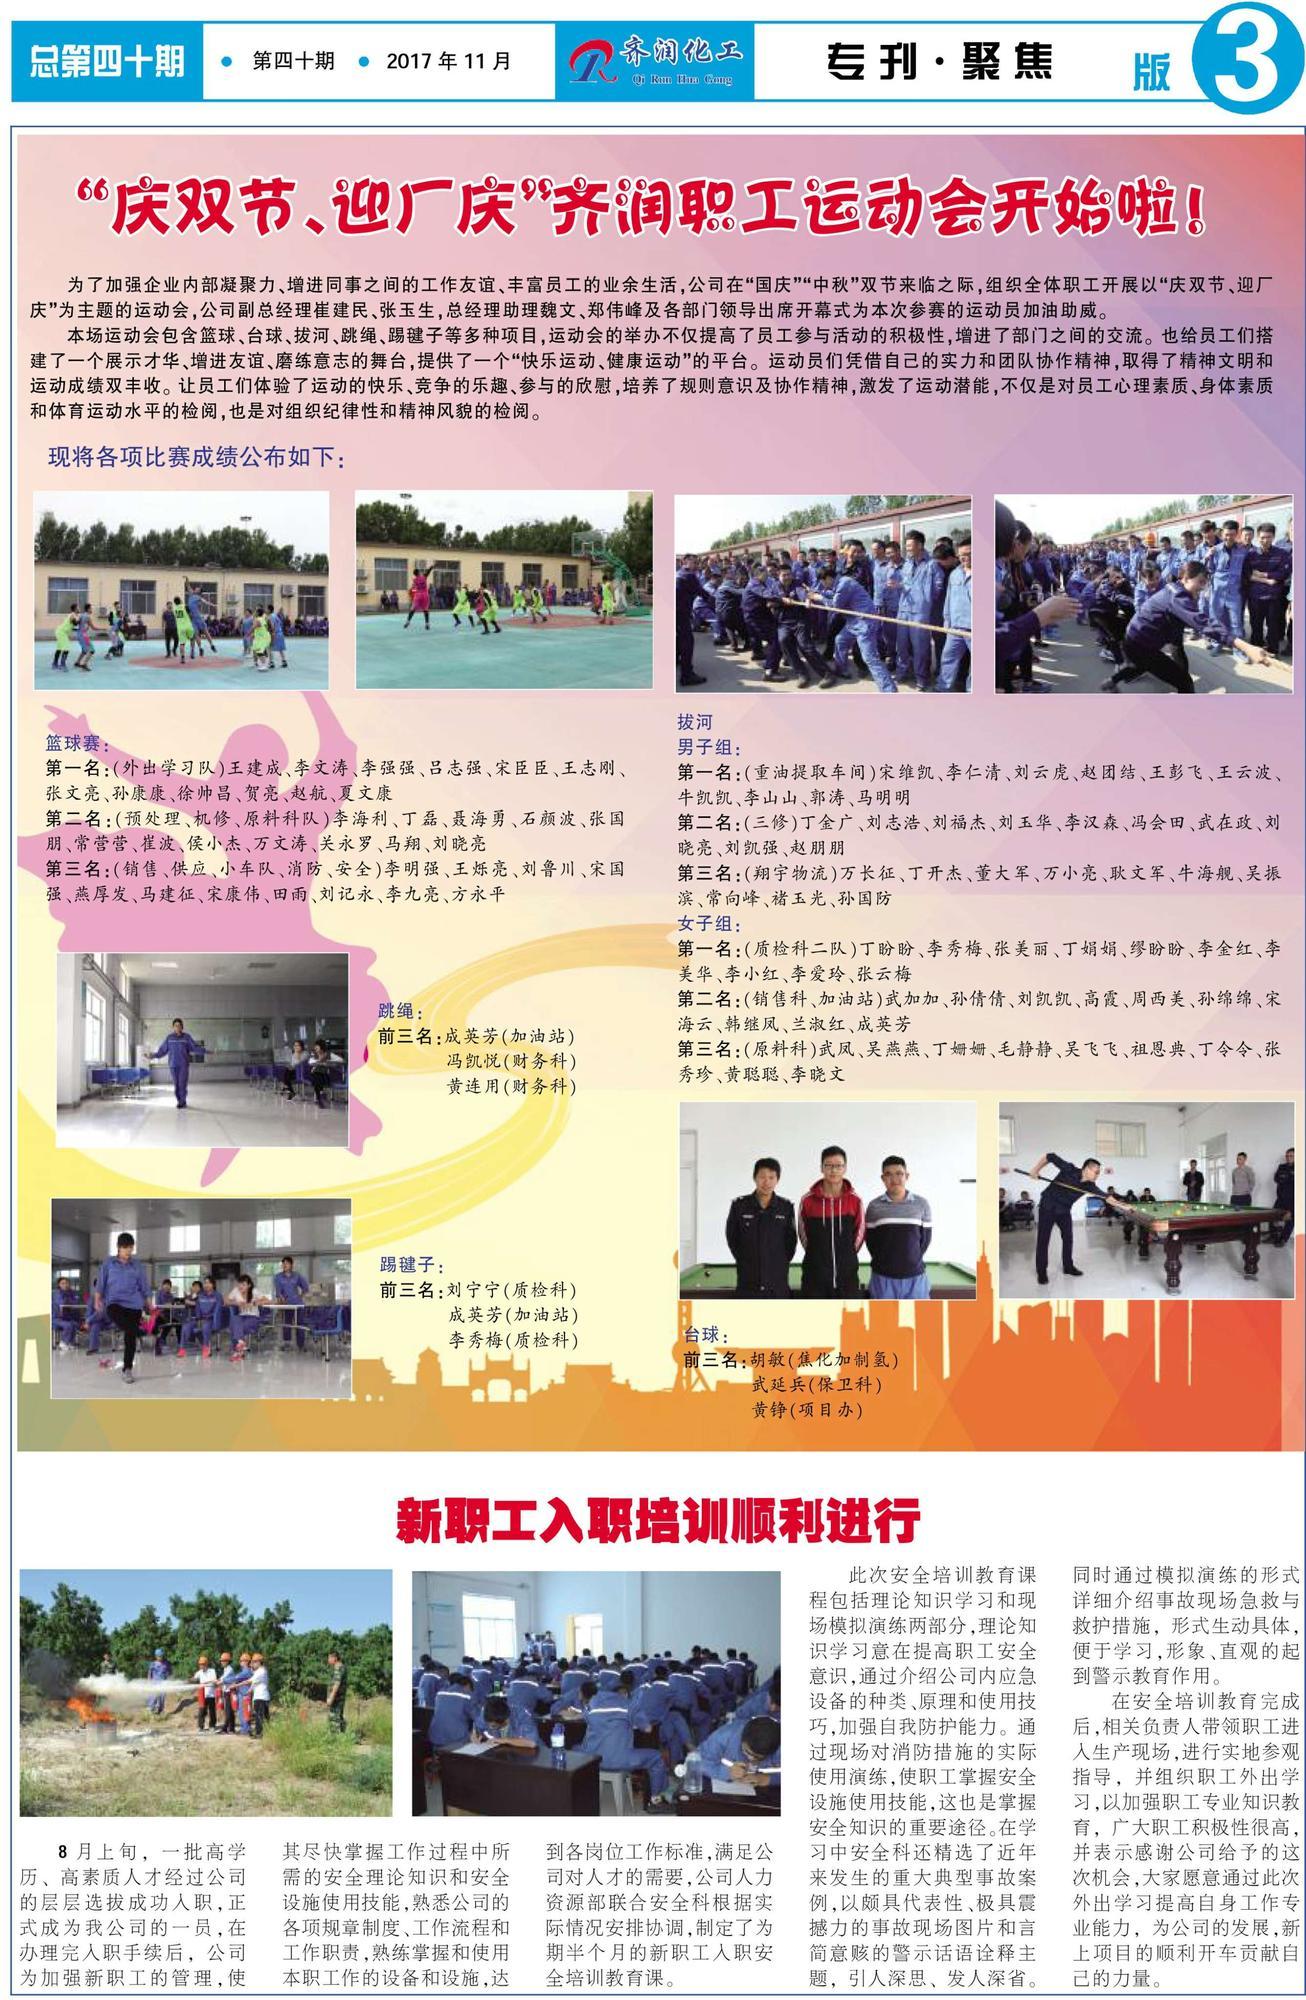 亚博体育官方登陆报第40期-3~1.jpg